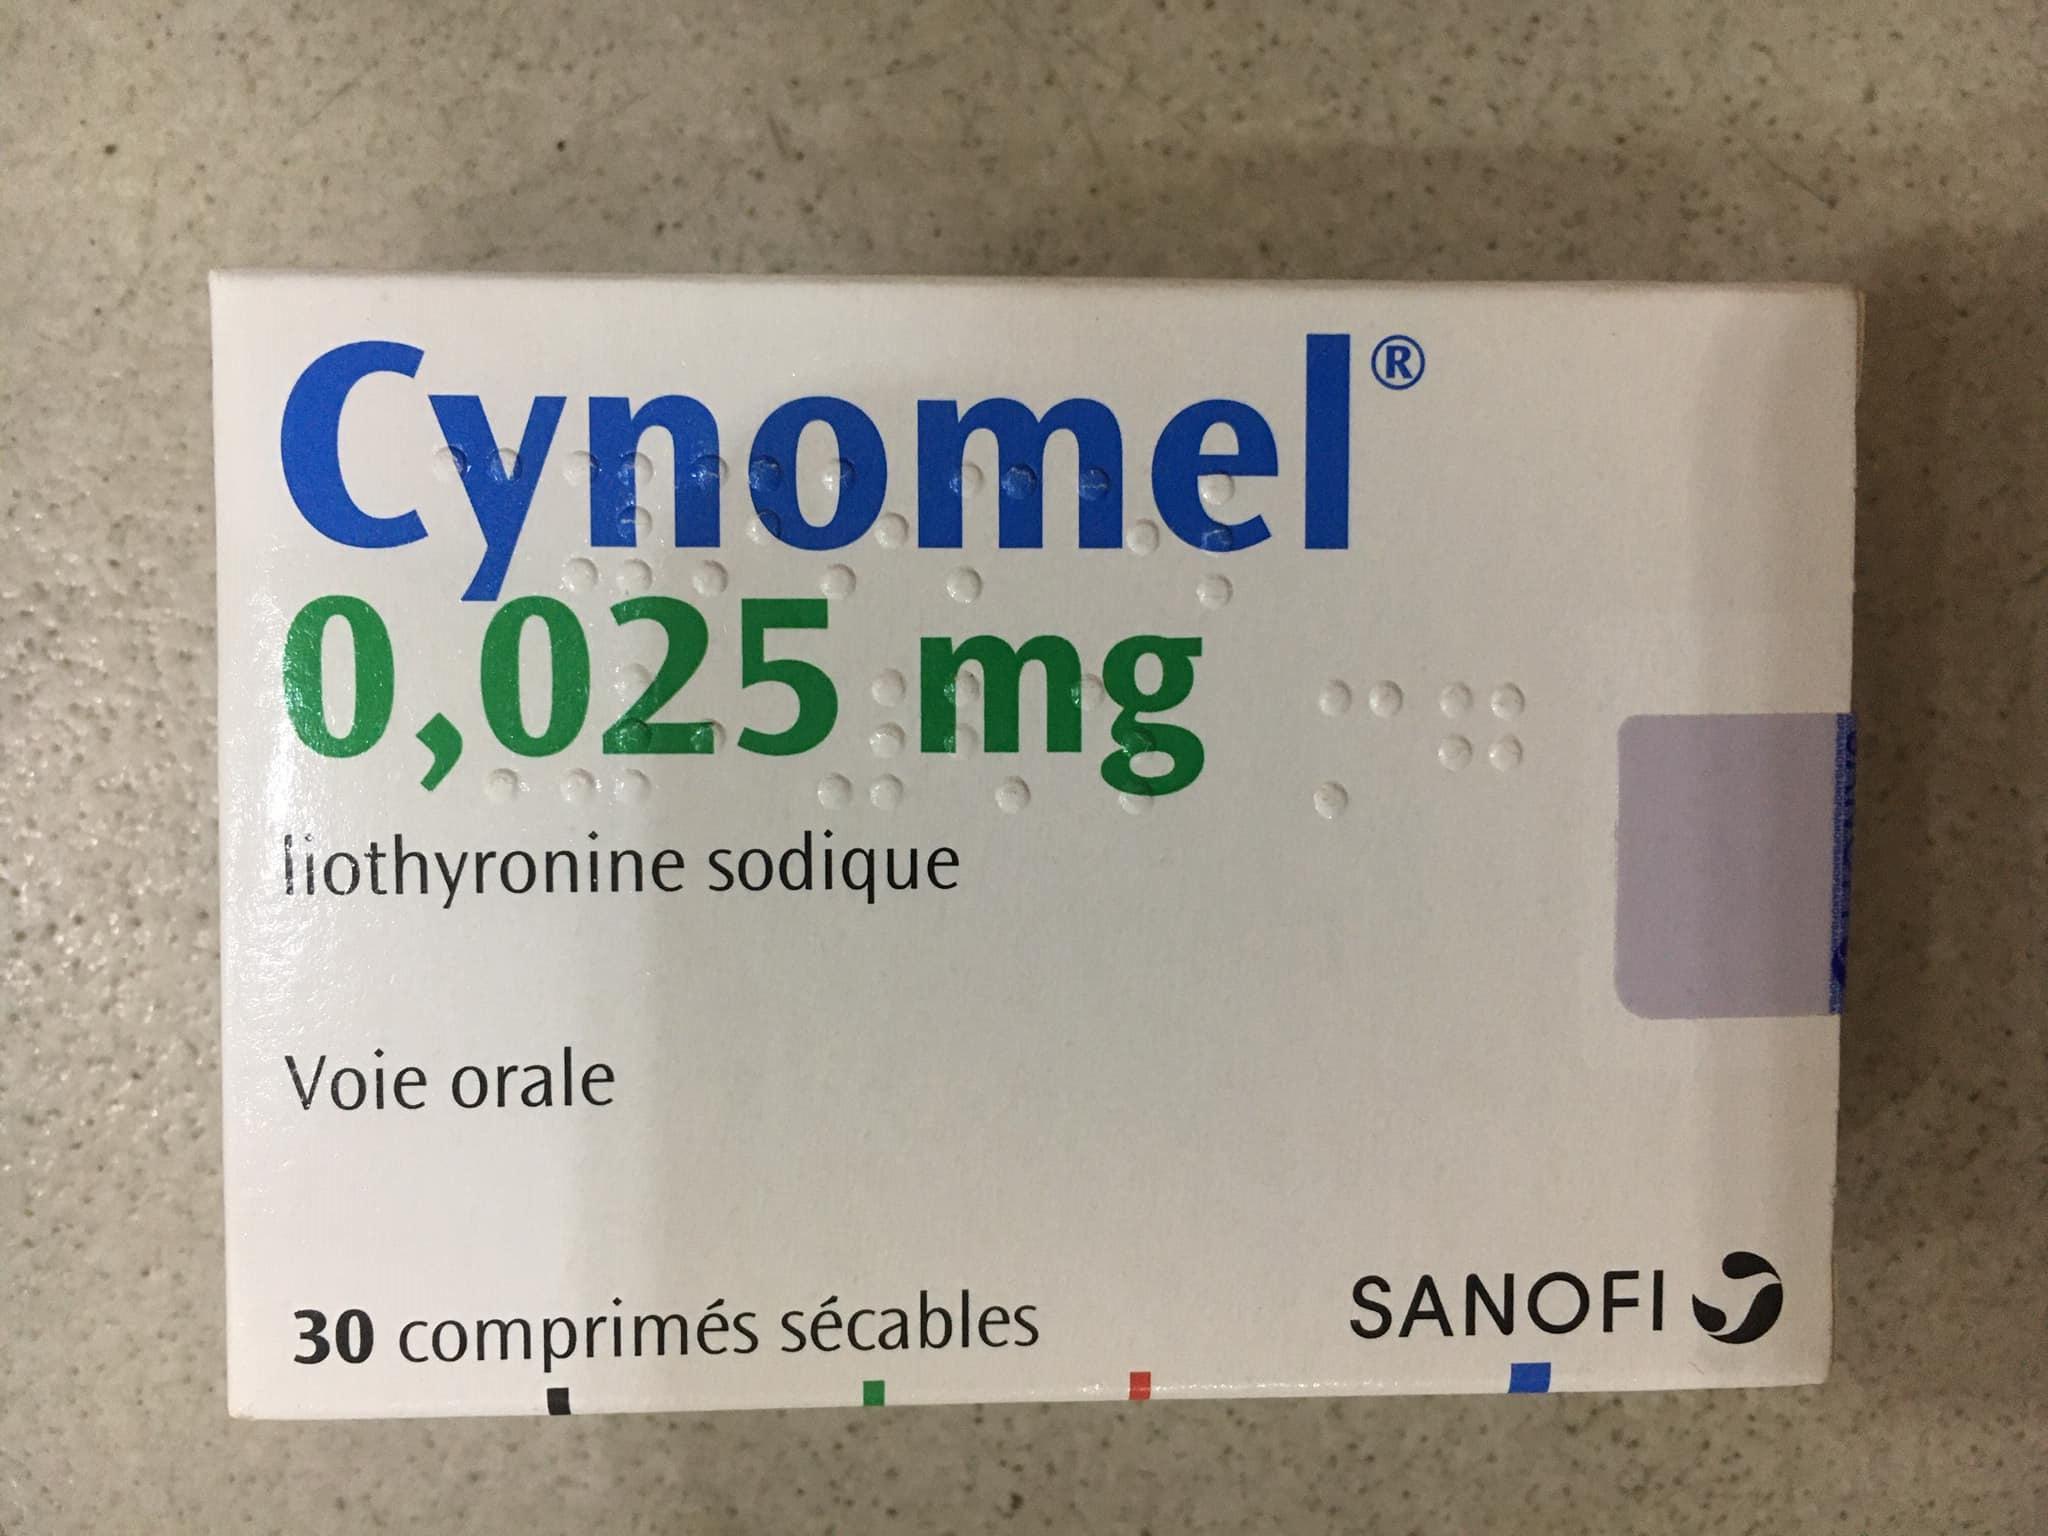 Cynomel 0.025 mg